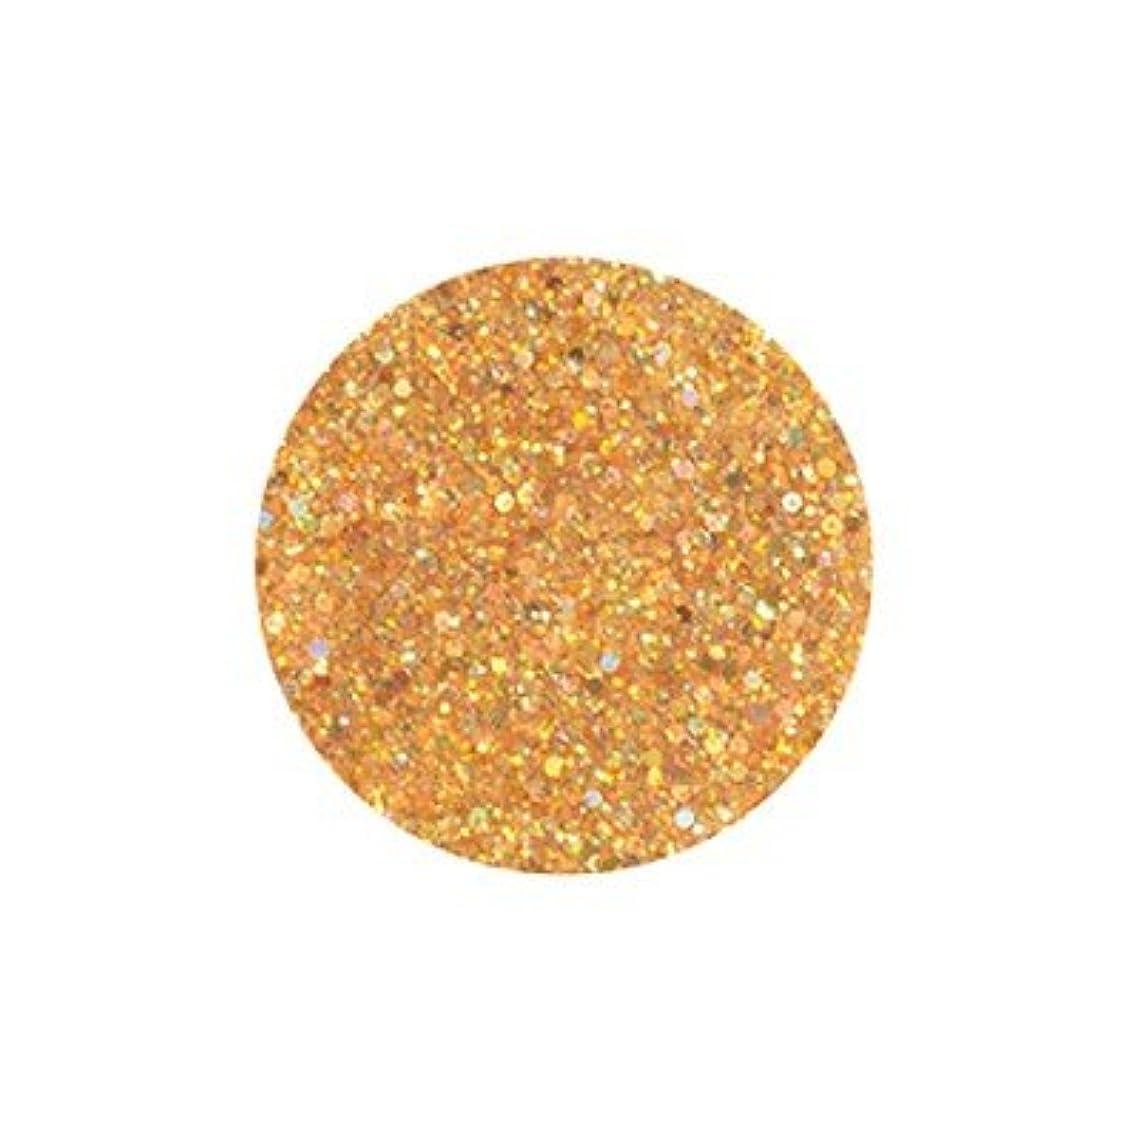 会話部分的に市町村FANTASY NAIL ダイヤモンドコレクション 3g 4254XS カラーパウダー アート材